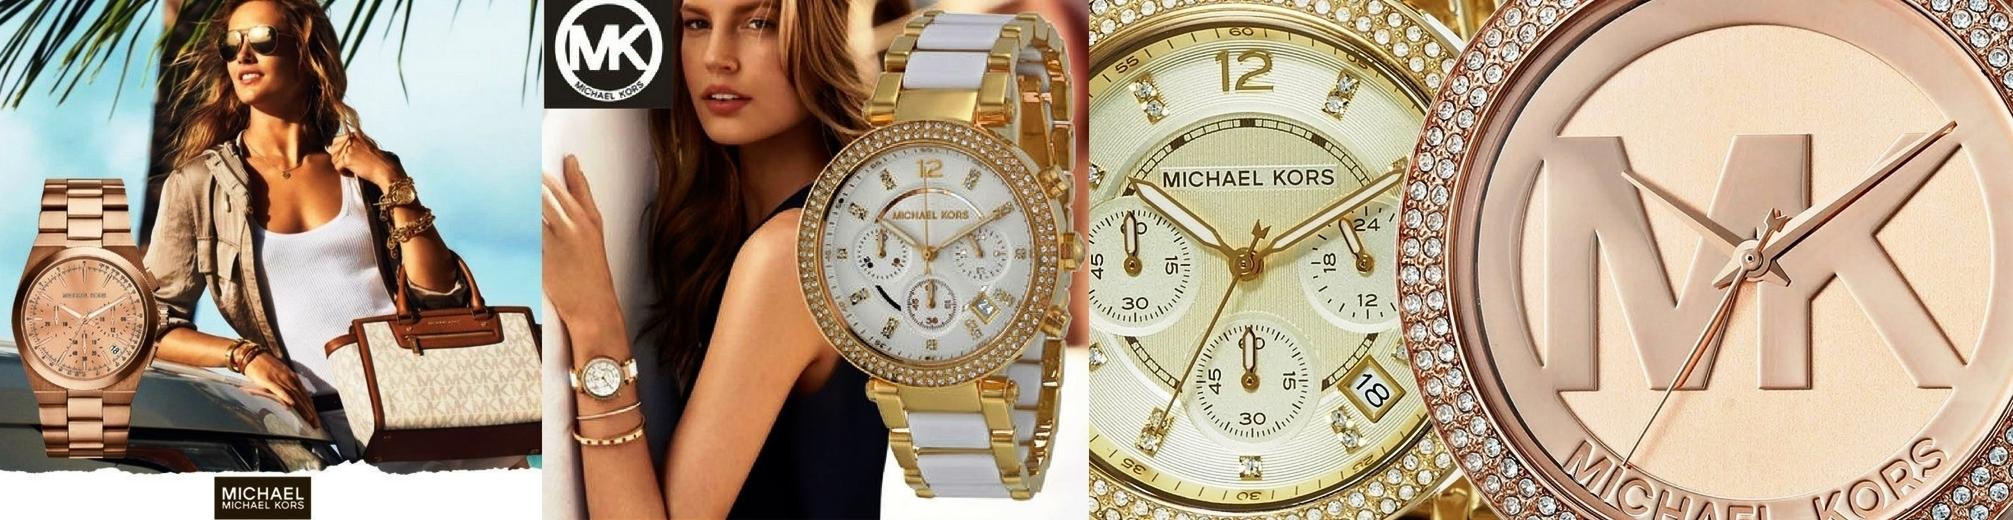 LuxTime horloges